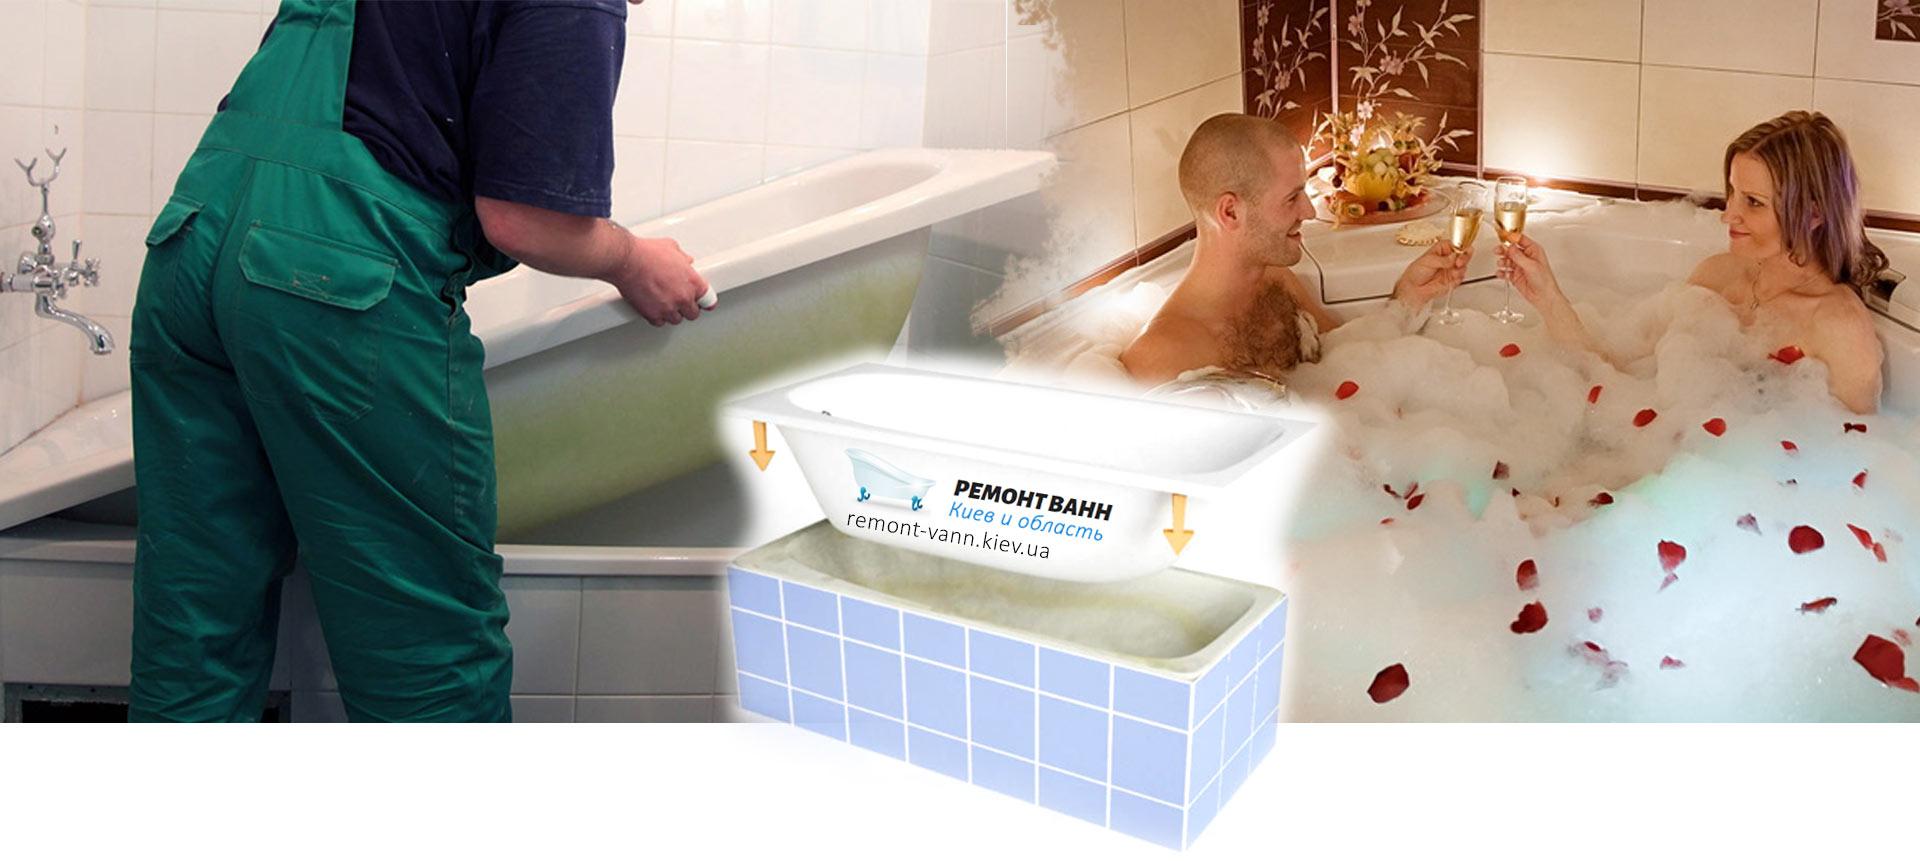 Акриловая вставка или ванна в вану